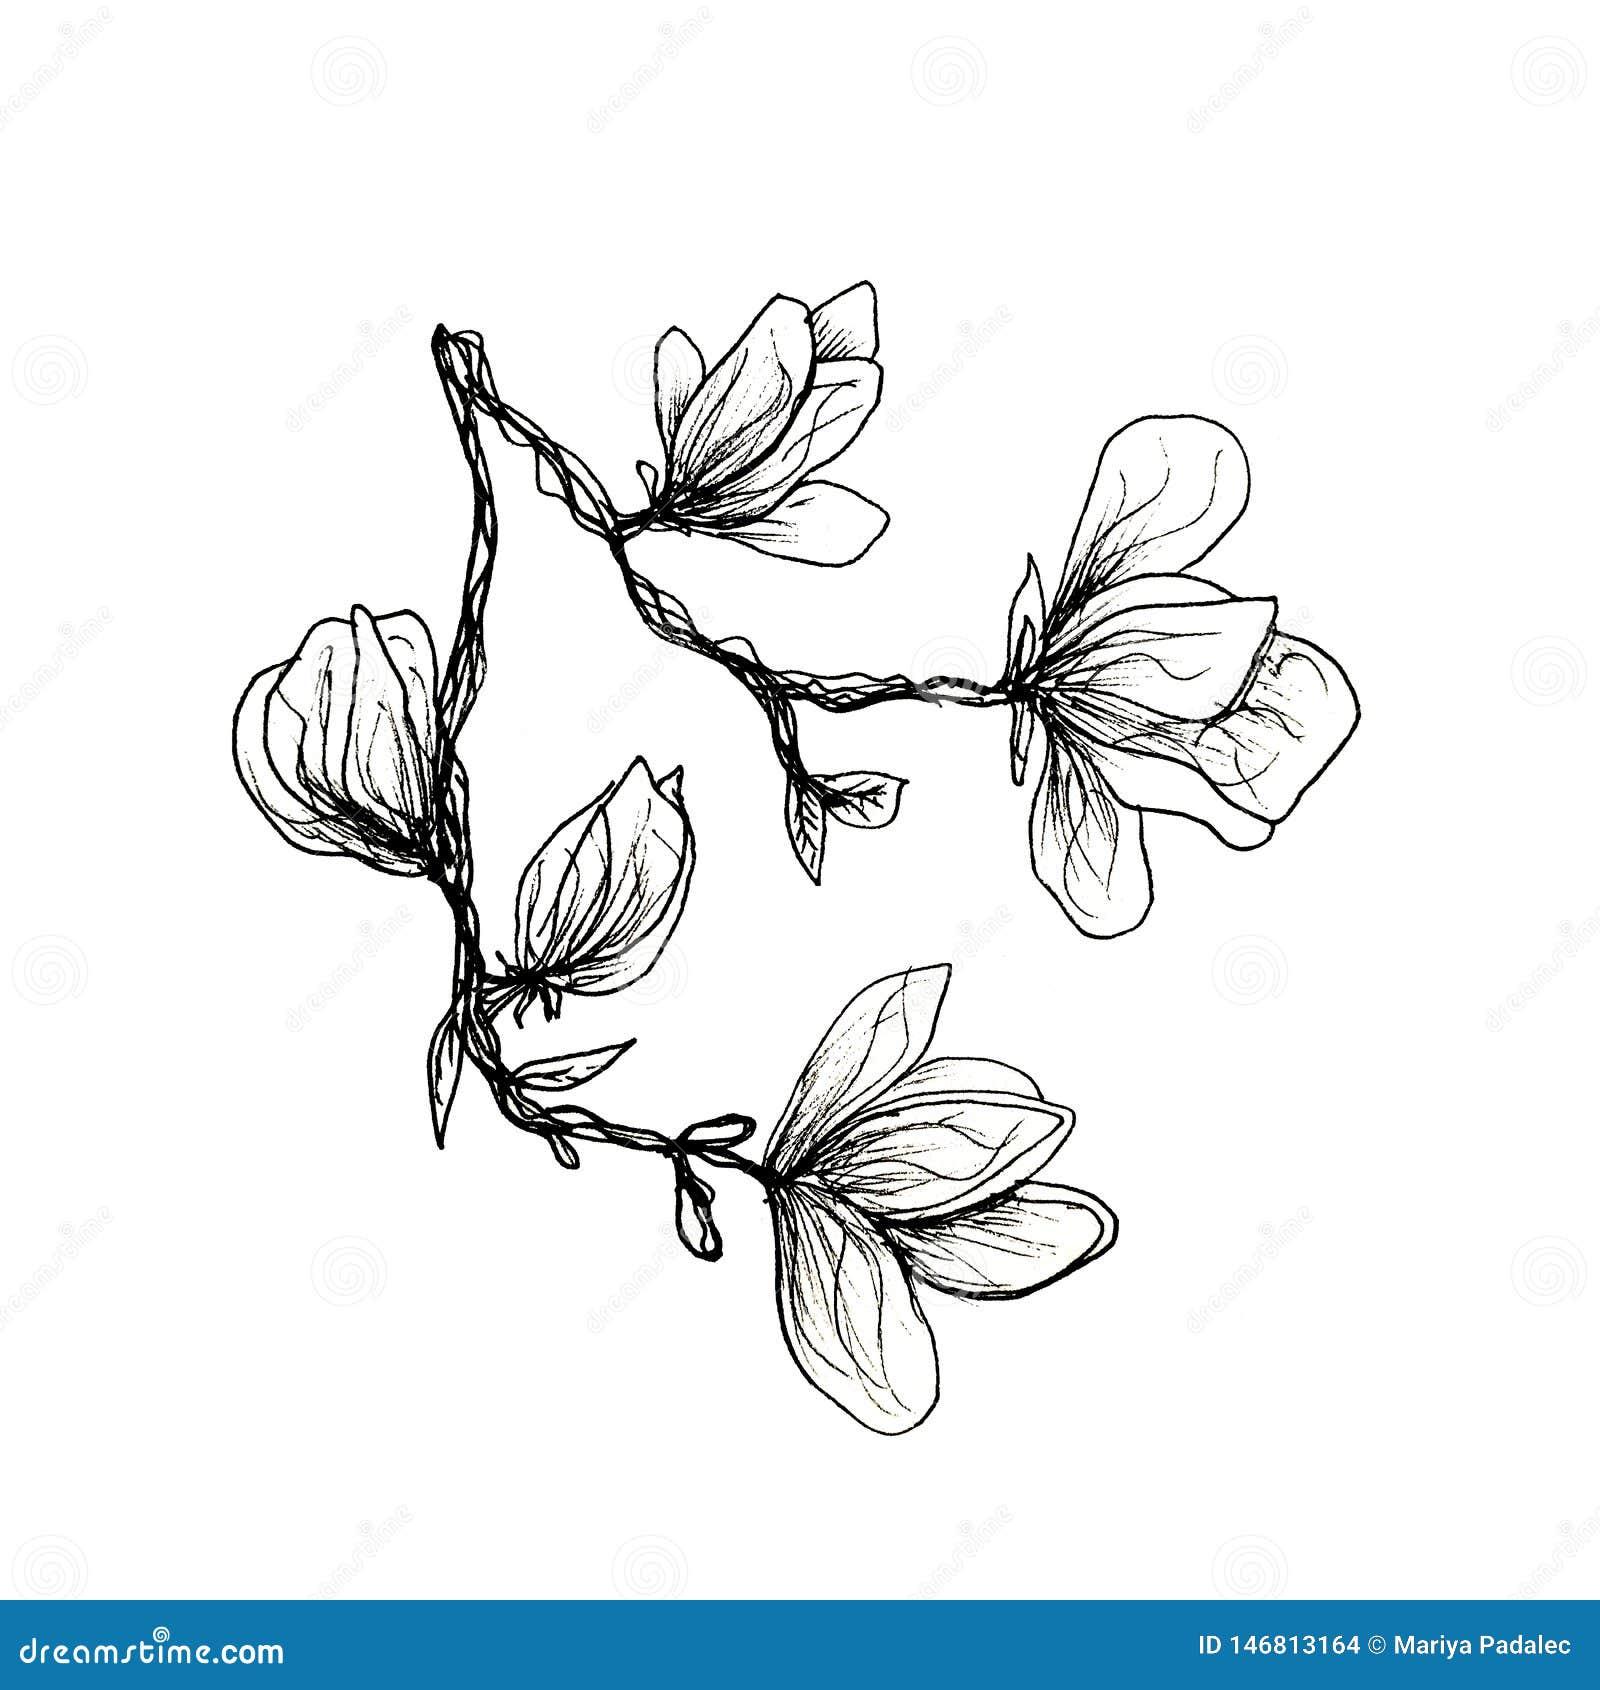 Ο γραφικός κλάδος του magnolia σύρεται με το χέρι με μια μαύρη μάνδρα Magnolia σε ένα απομονωμένο άσπρο υπόβαθρο